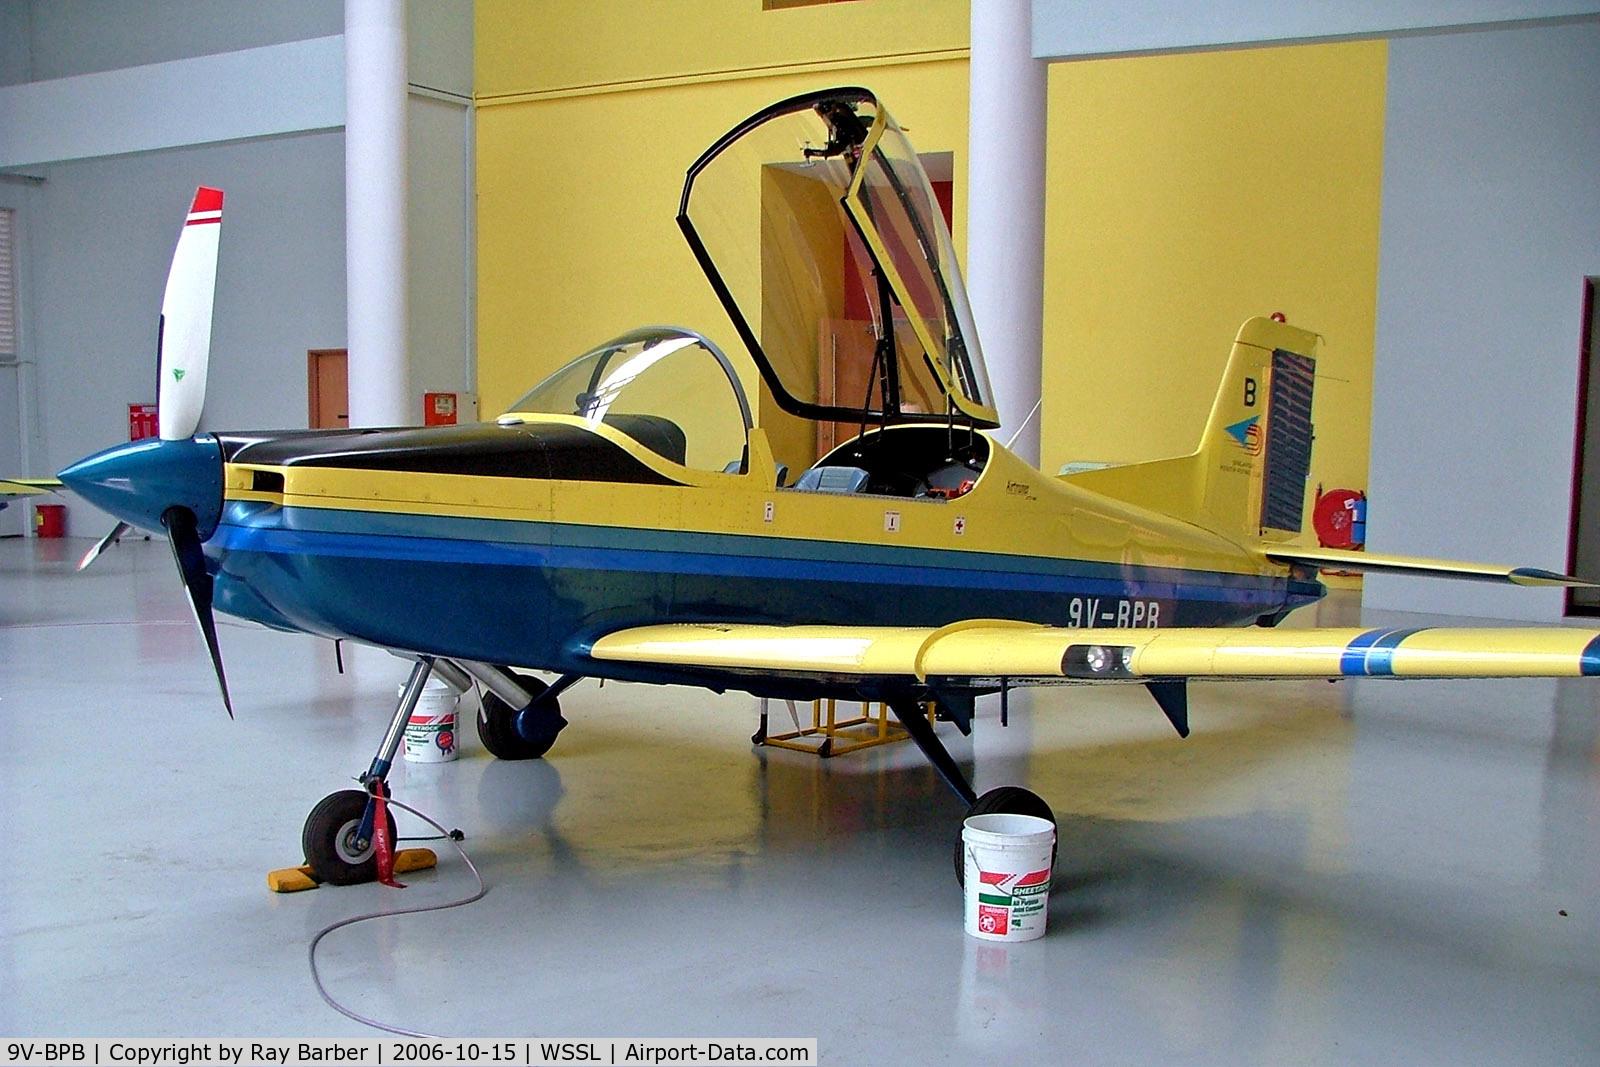 9V-BPB, 2002 Pacific Aerospace CT/4E Airtrainer C/N 232, 9V-BPB   Pacific Aerospace CT/4E Airtrainer [232] (Singapore Youth Flying Club) Seletar~9V 15/10/2006